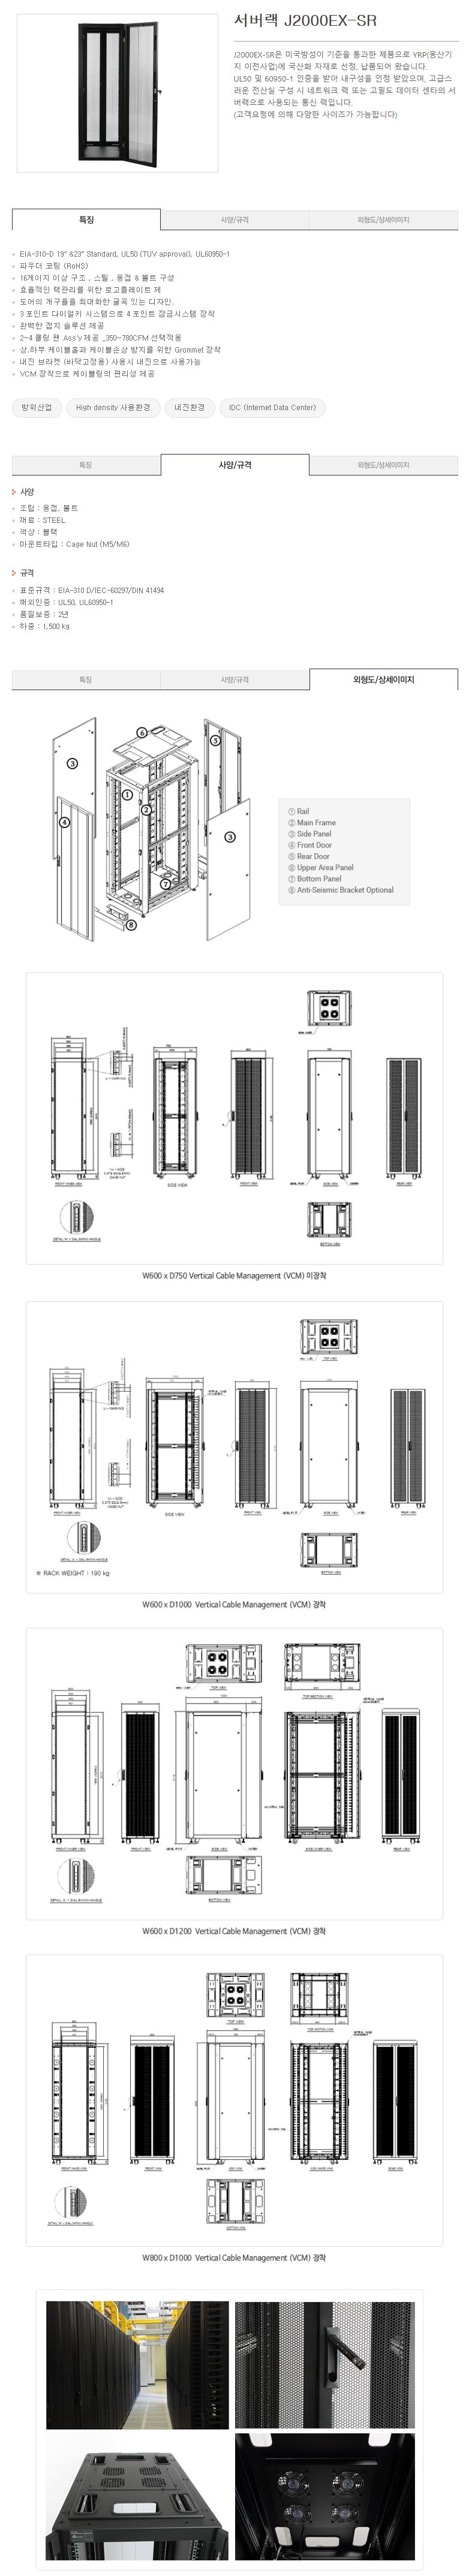 지트시스템 서버랙 J2000EX-SR